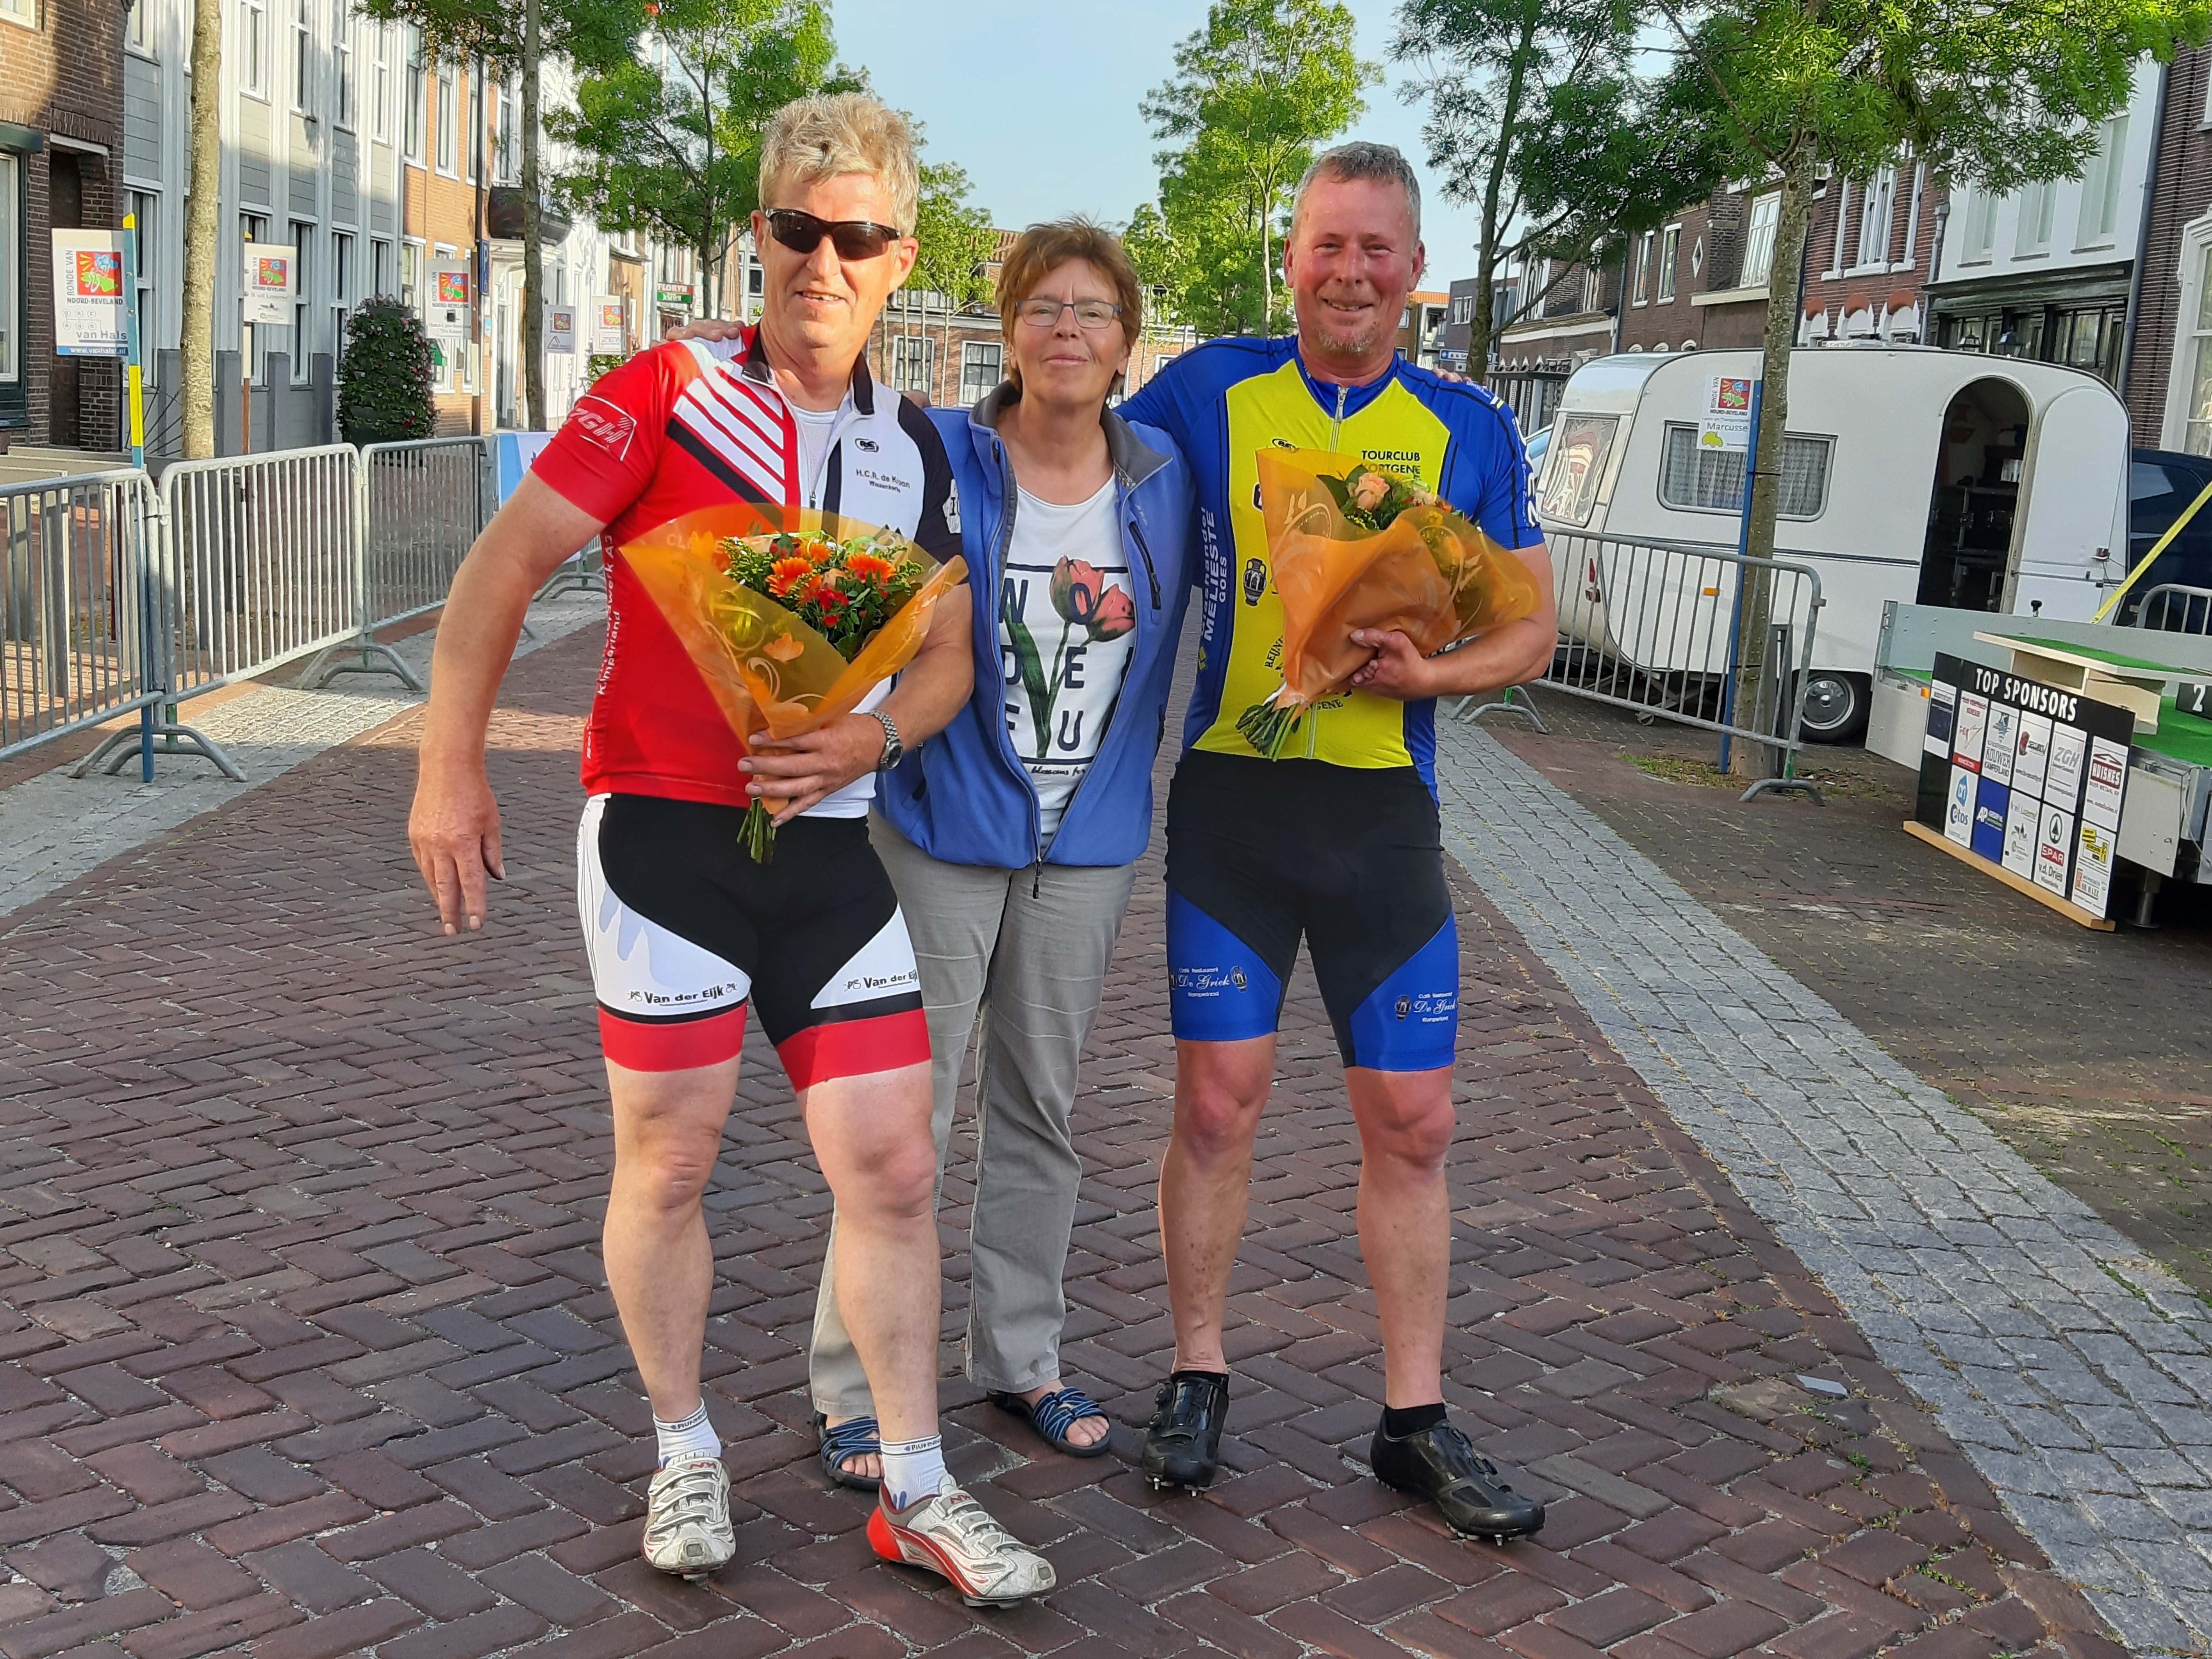 Bram en Peter de winnaars van de Koppeltijdrit